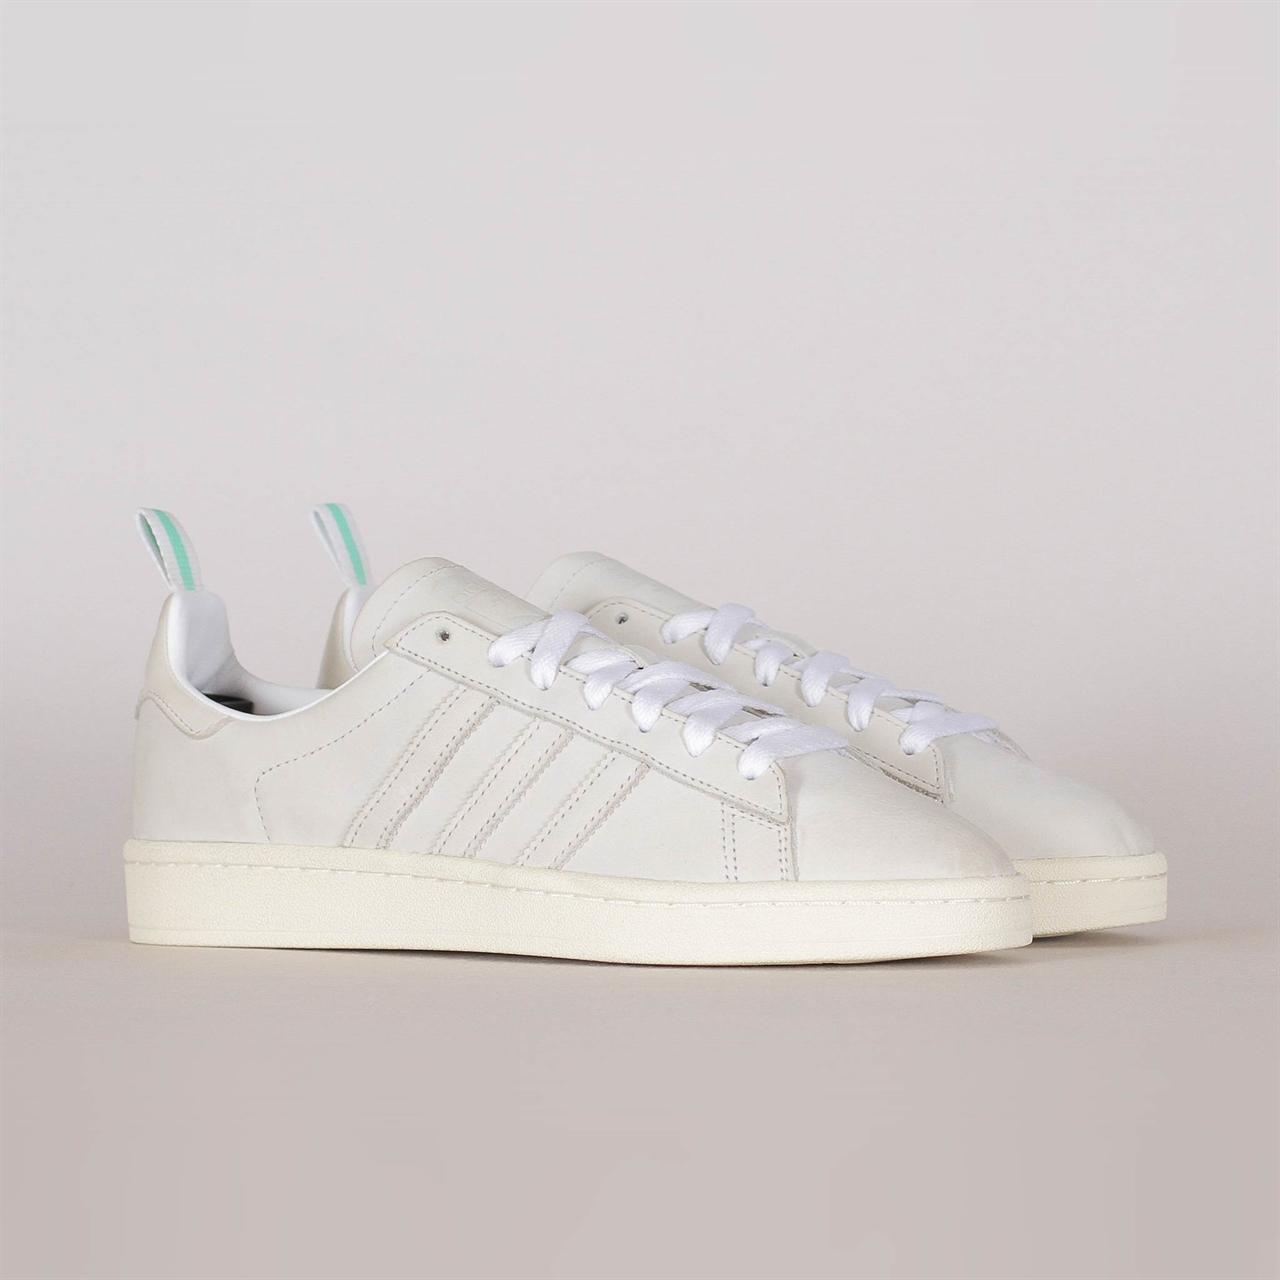 best loved 769bb e7dc4 Shelta - Adidas Originals Campus (BZ0065)